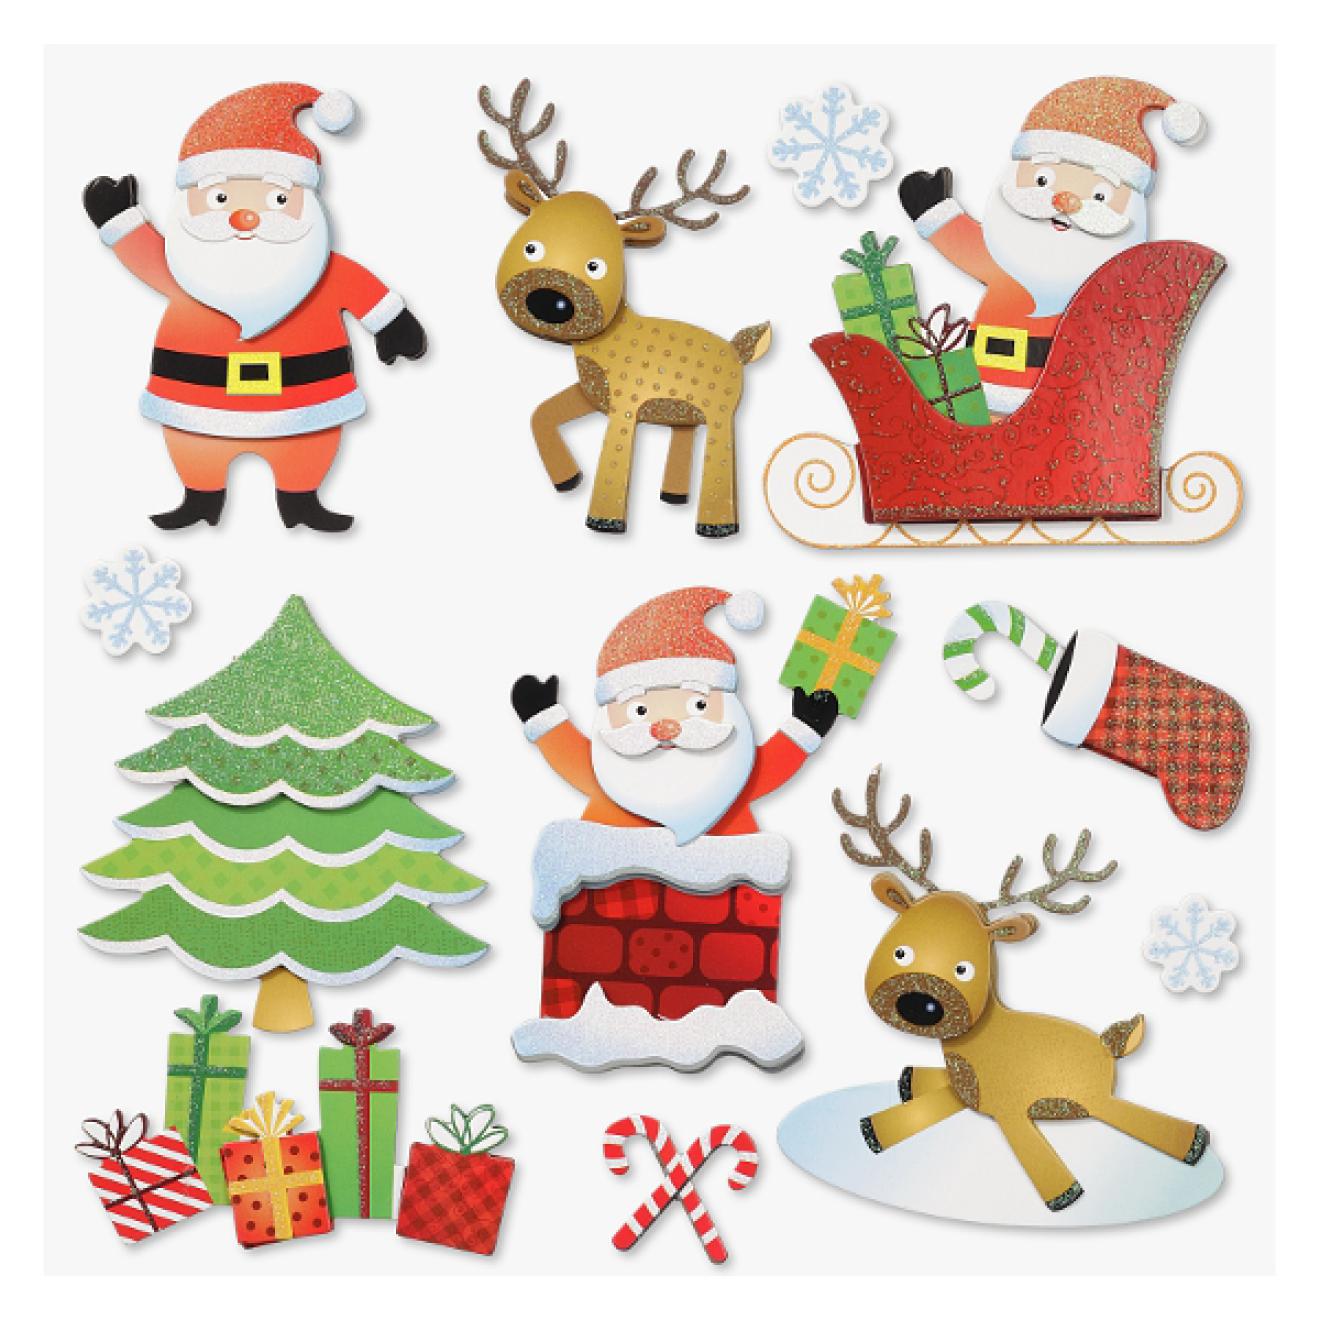 sticker 3d xxl weihnachten weihnachtsmann design 1. Black Bedroom Furniture Sets. Home Design Ideas